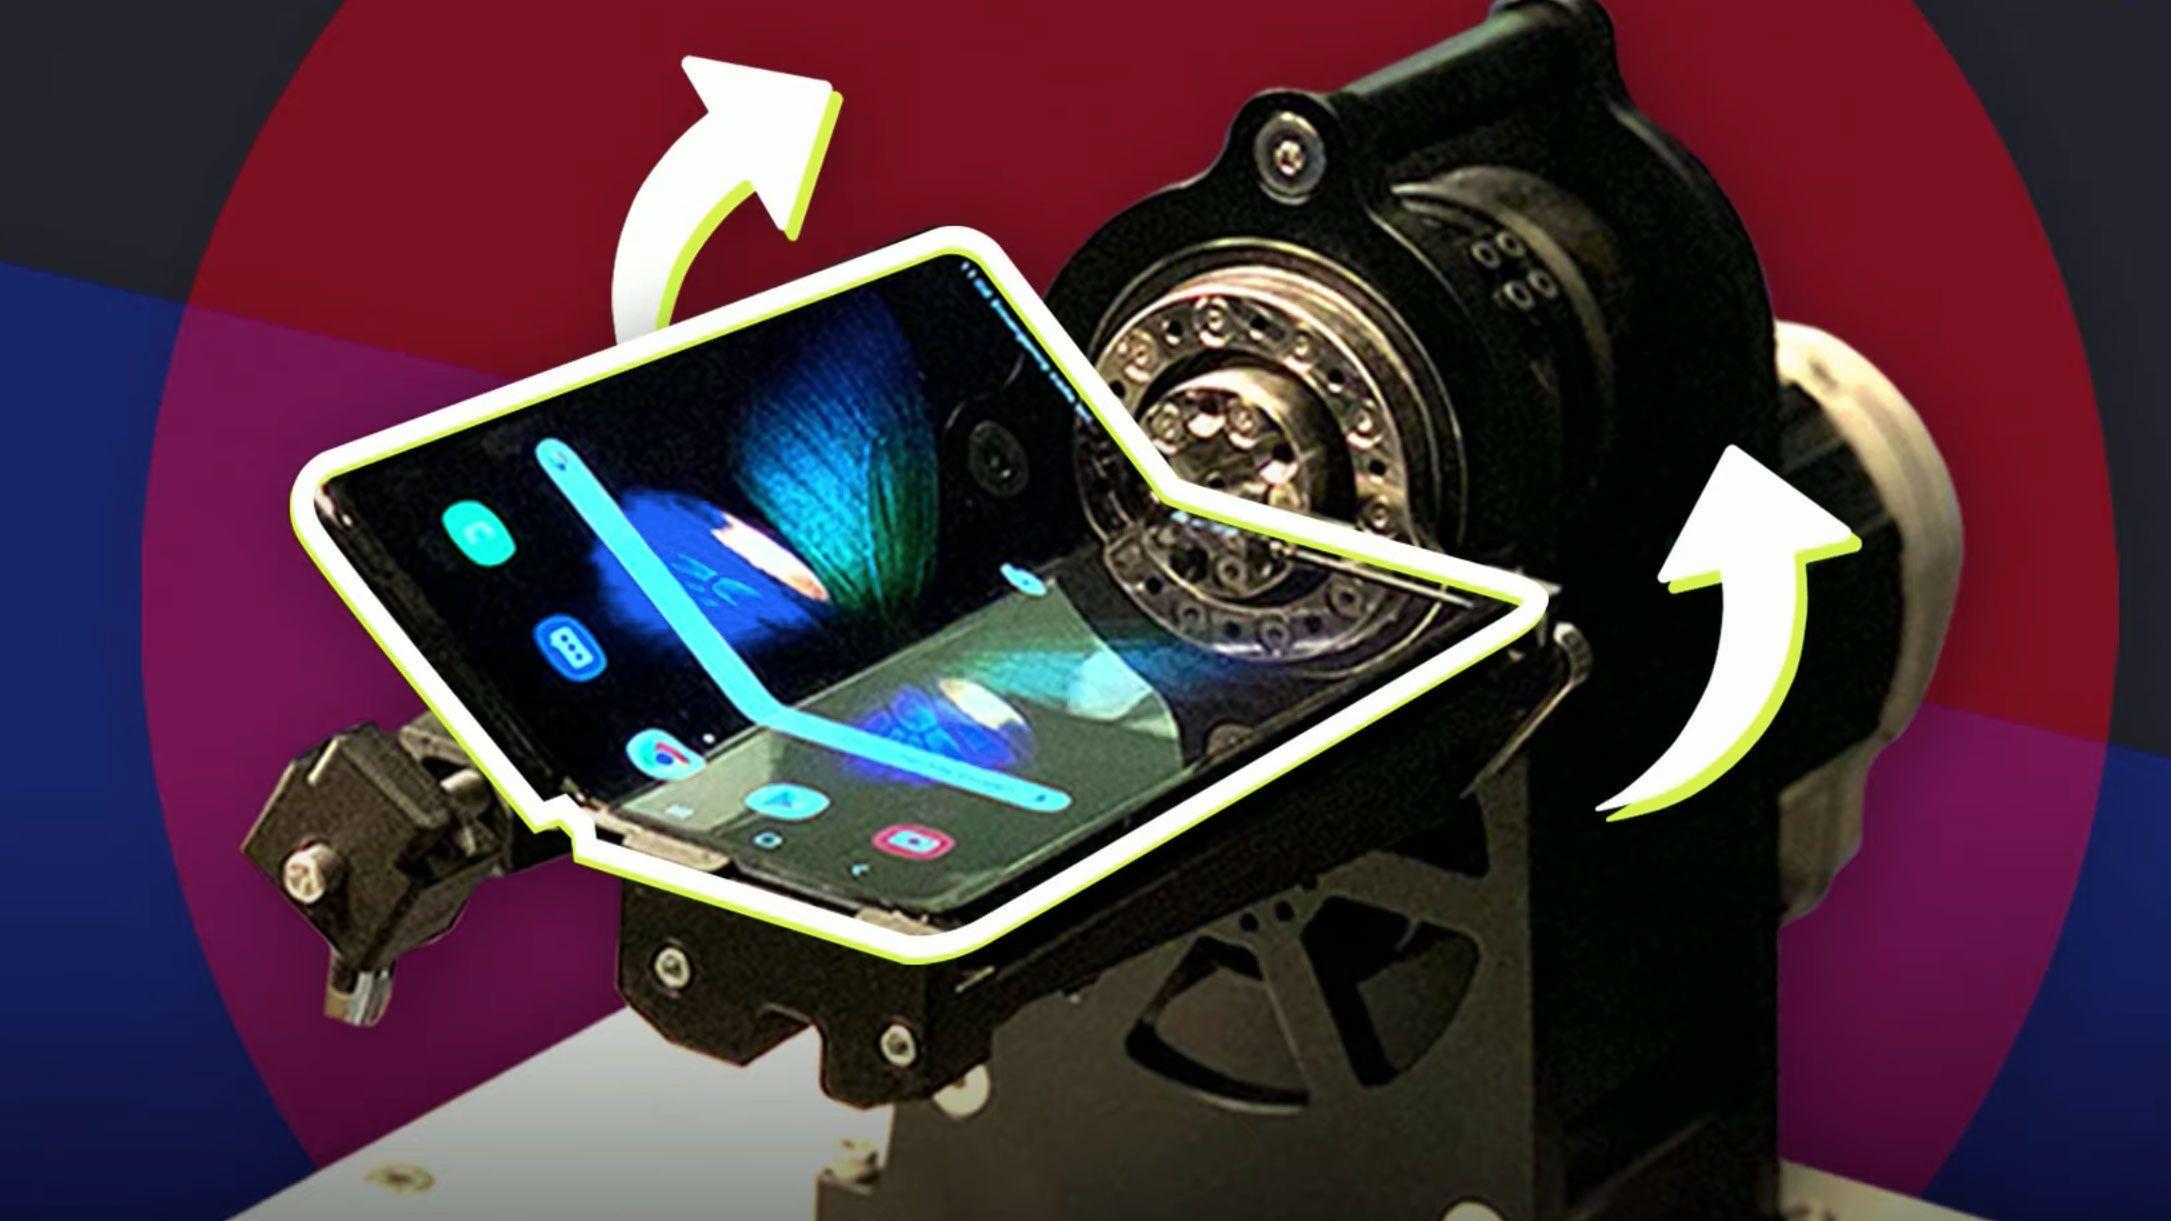 Så mange brett tåler Samsungs brettbare mobil